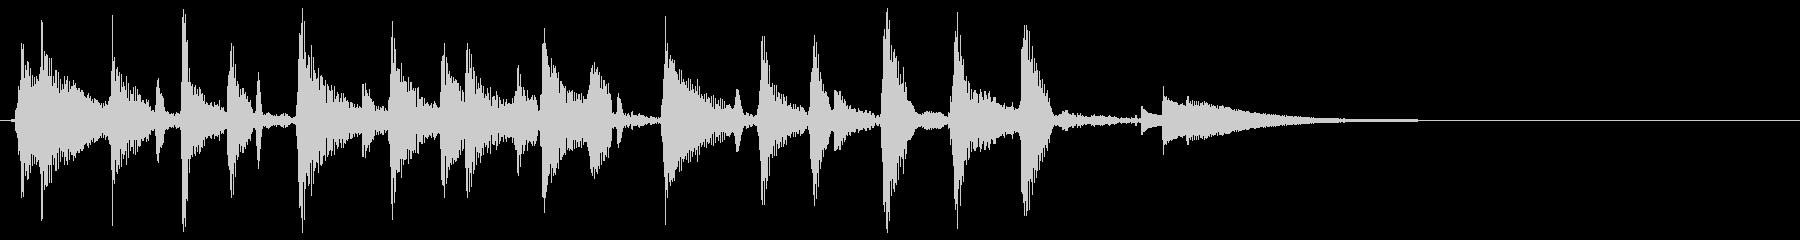 ウクレレハワイアンフレーズ2の未再生の波形